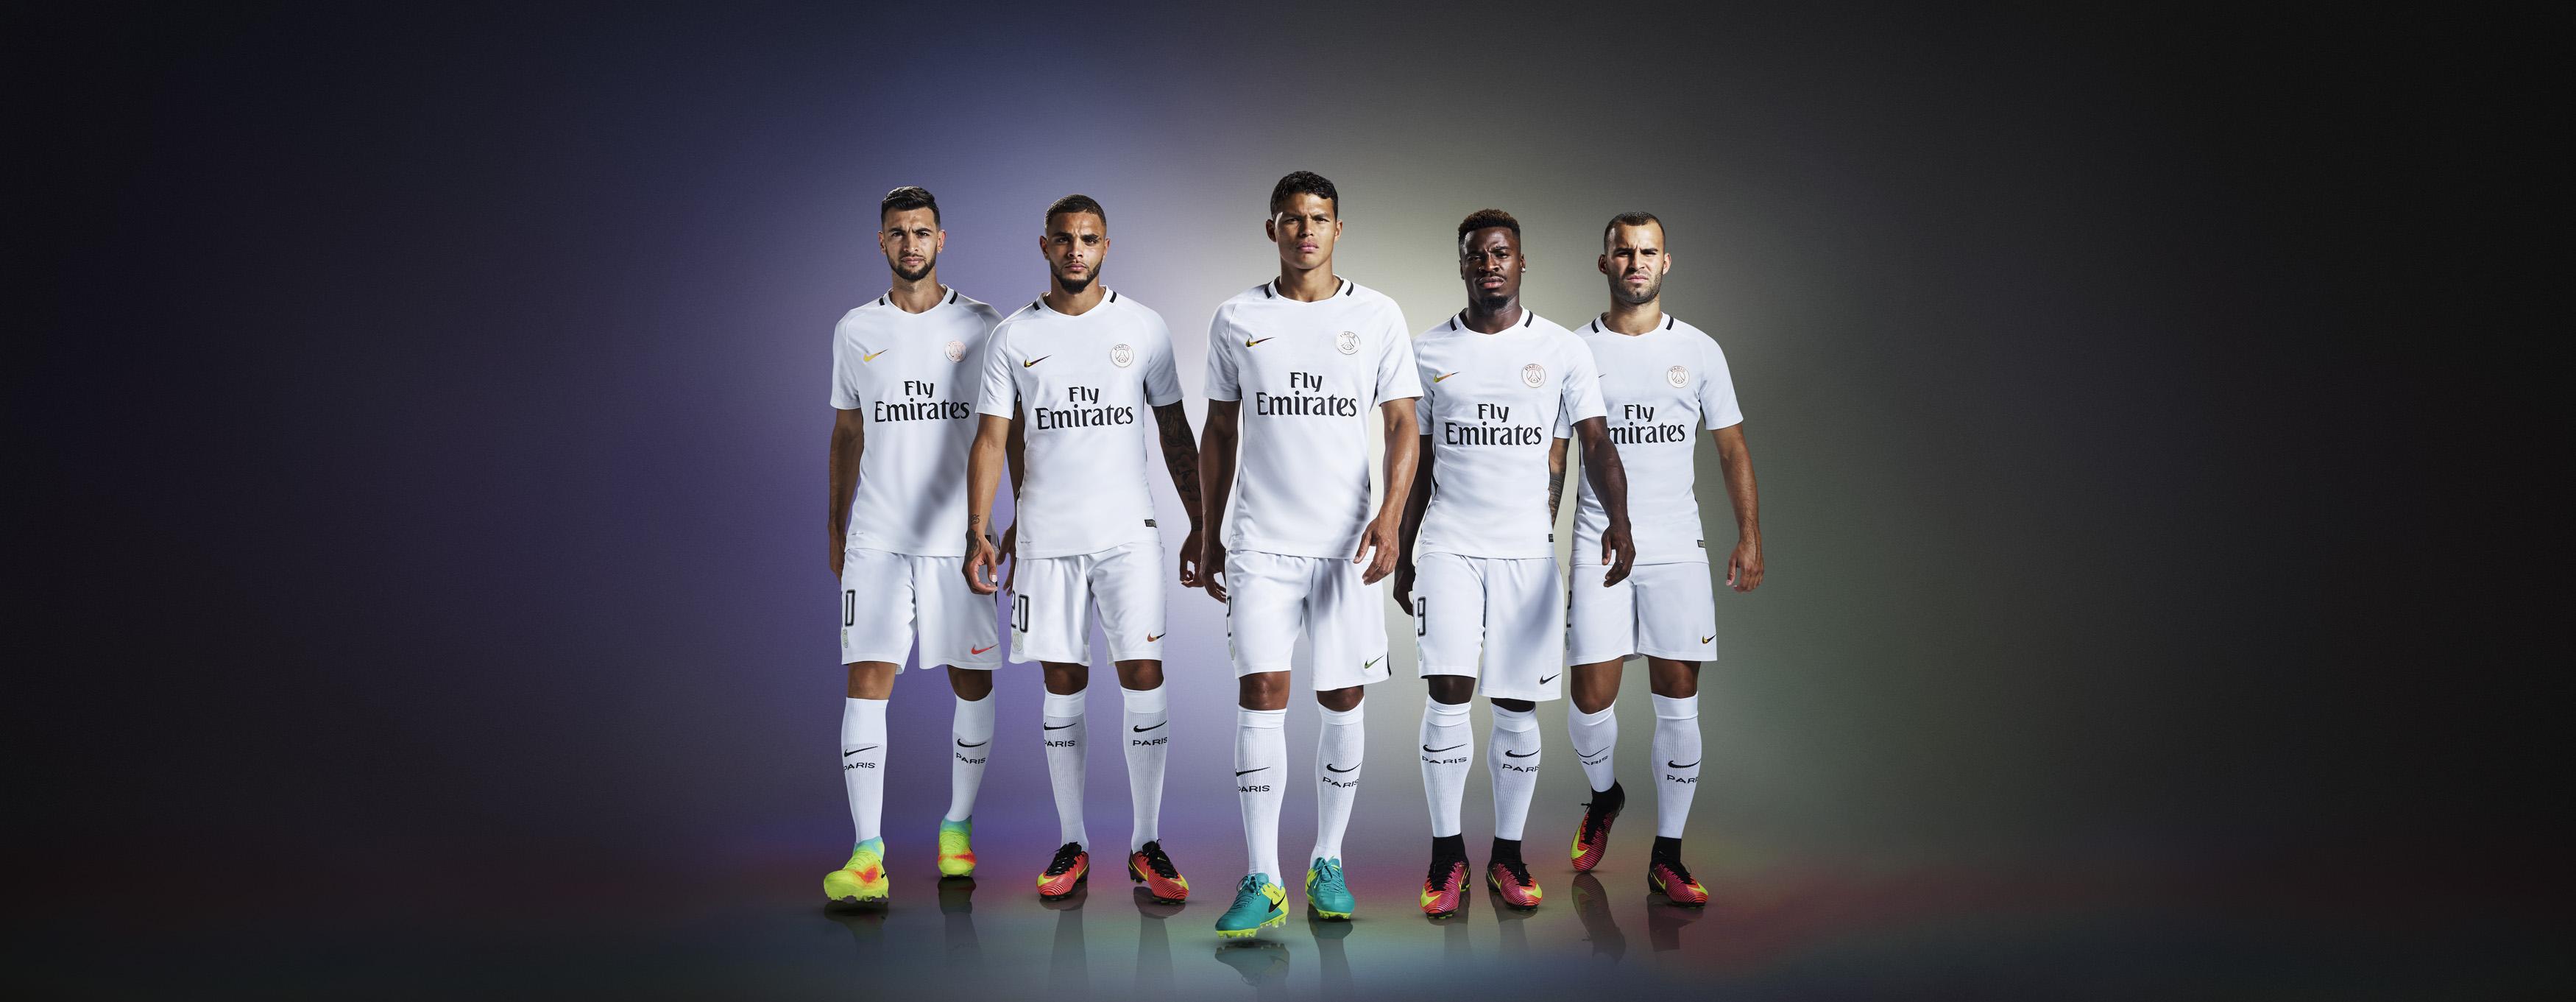 Paris Saint Germain Third Kit   Nike News